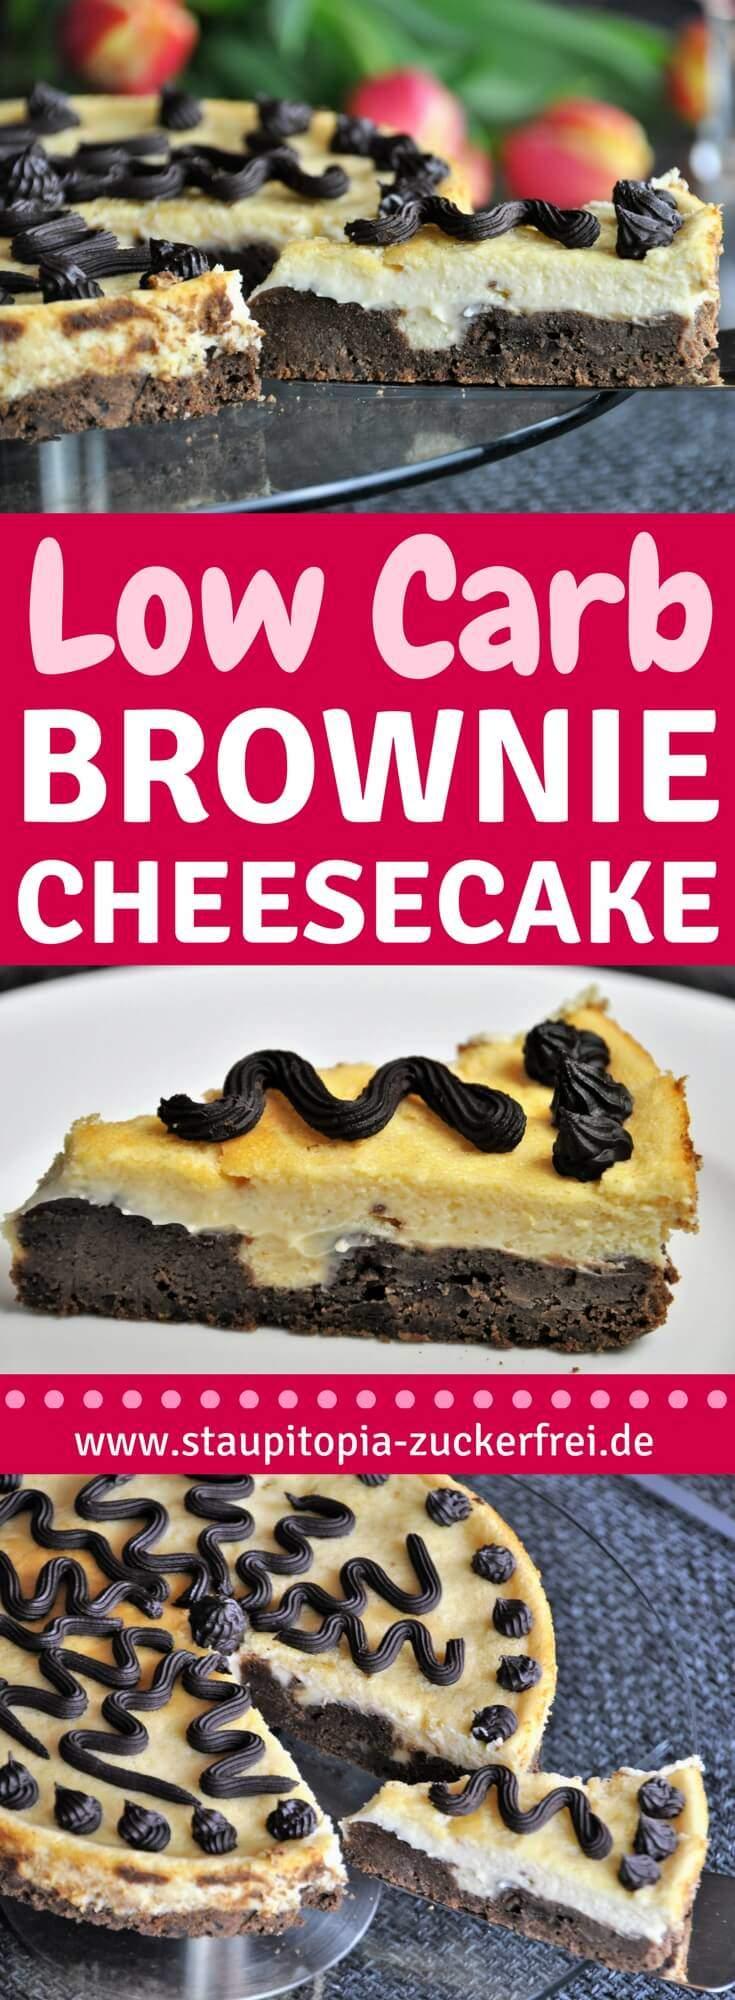 Der Low Carb Brownie Cheesecake zählt zu meinen absoluten Favoriten, da er gleich zwei meiner liebsten Low Carb Kuchen vereint:Käsekuchen und Brownies! Er kommt natürlich ohne Zucker und ohne Mehl aus und ist zudem glutenfrei.